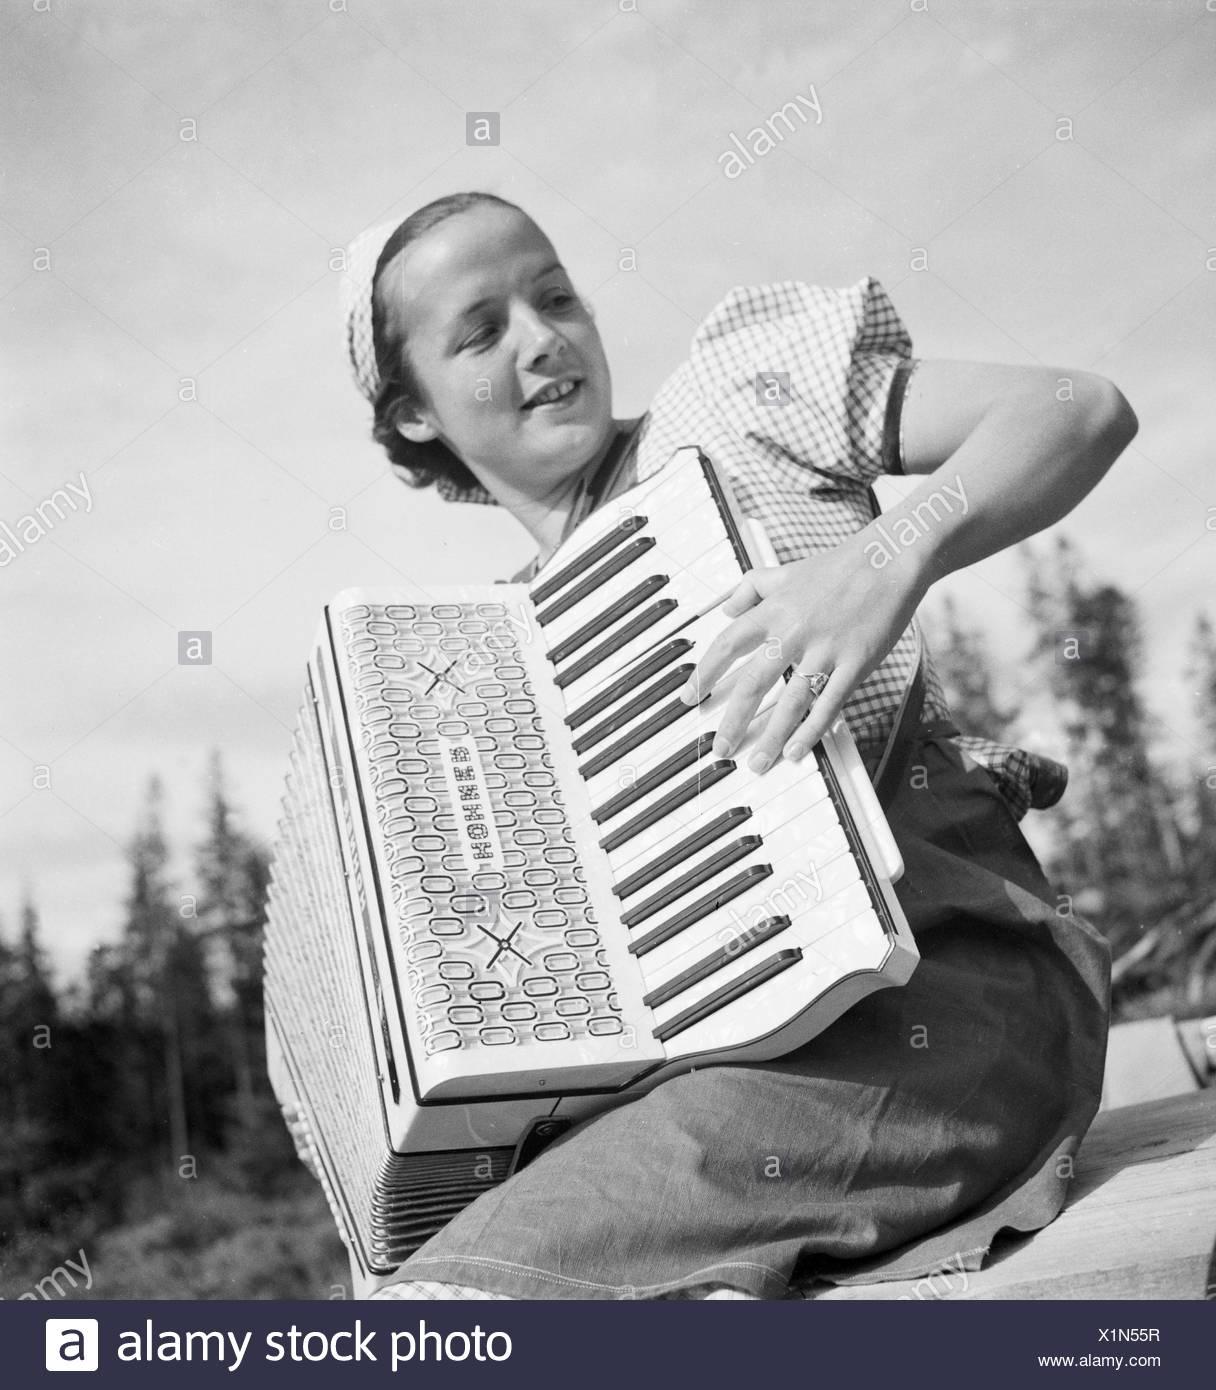 Eine Junge Frau Mit Einem Akkordeon, 1930er Jahre Deutschland. Eine junge Frau spielt Akkordeon, Deutschland der 1930er Jahre. Stockbild